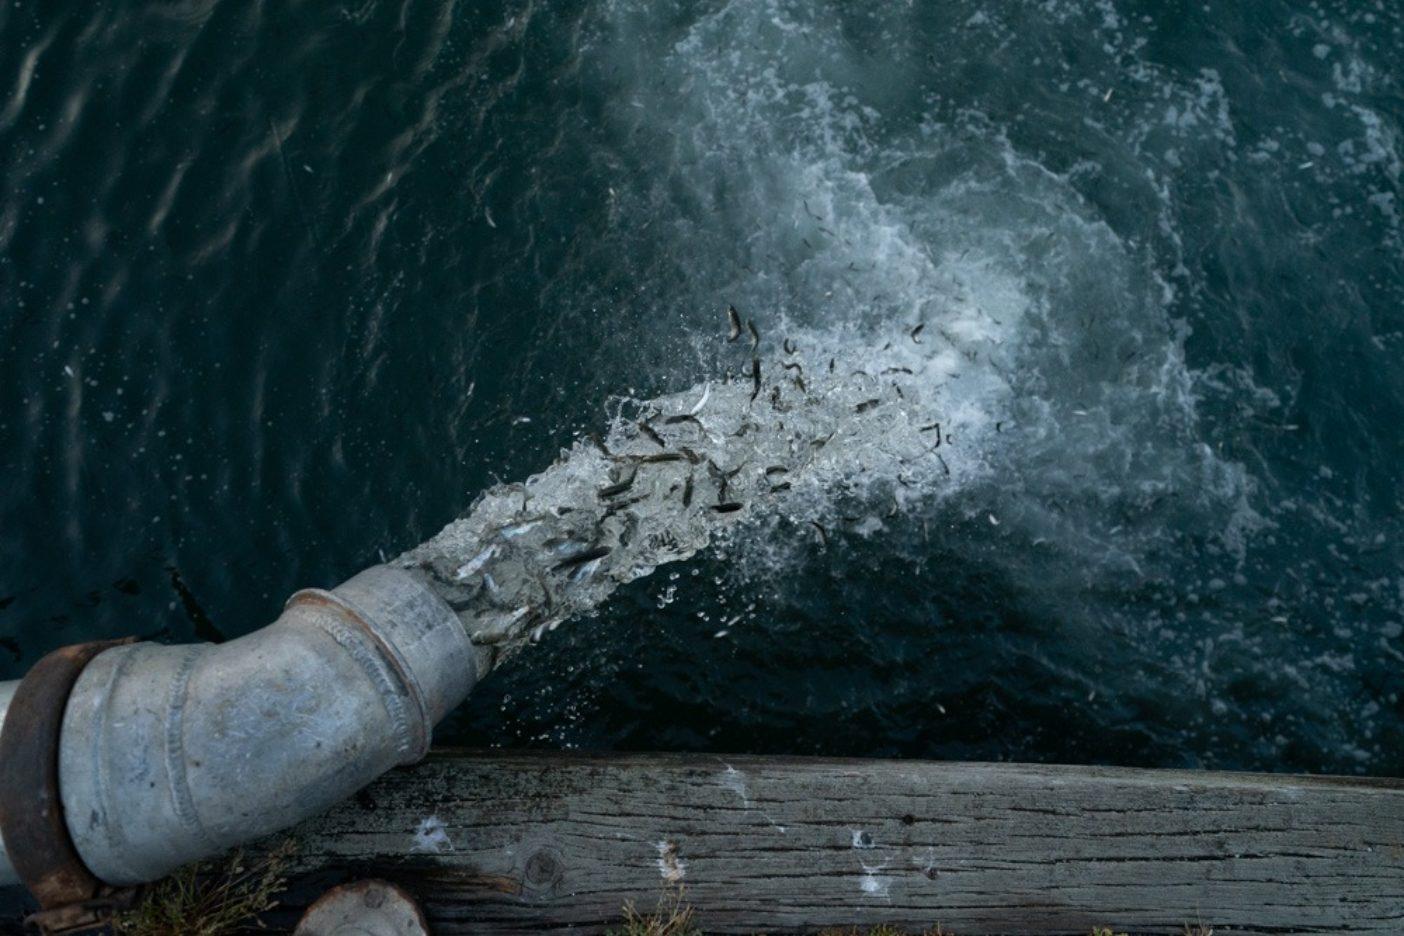 ゴミを入れ、ゴミを出す。毎年サンフランシスコ湾に放流される、孵化場で飼育された何百万匹ものサーモン。写真:ベン・ムーン